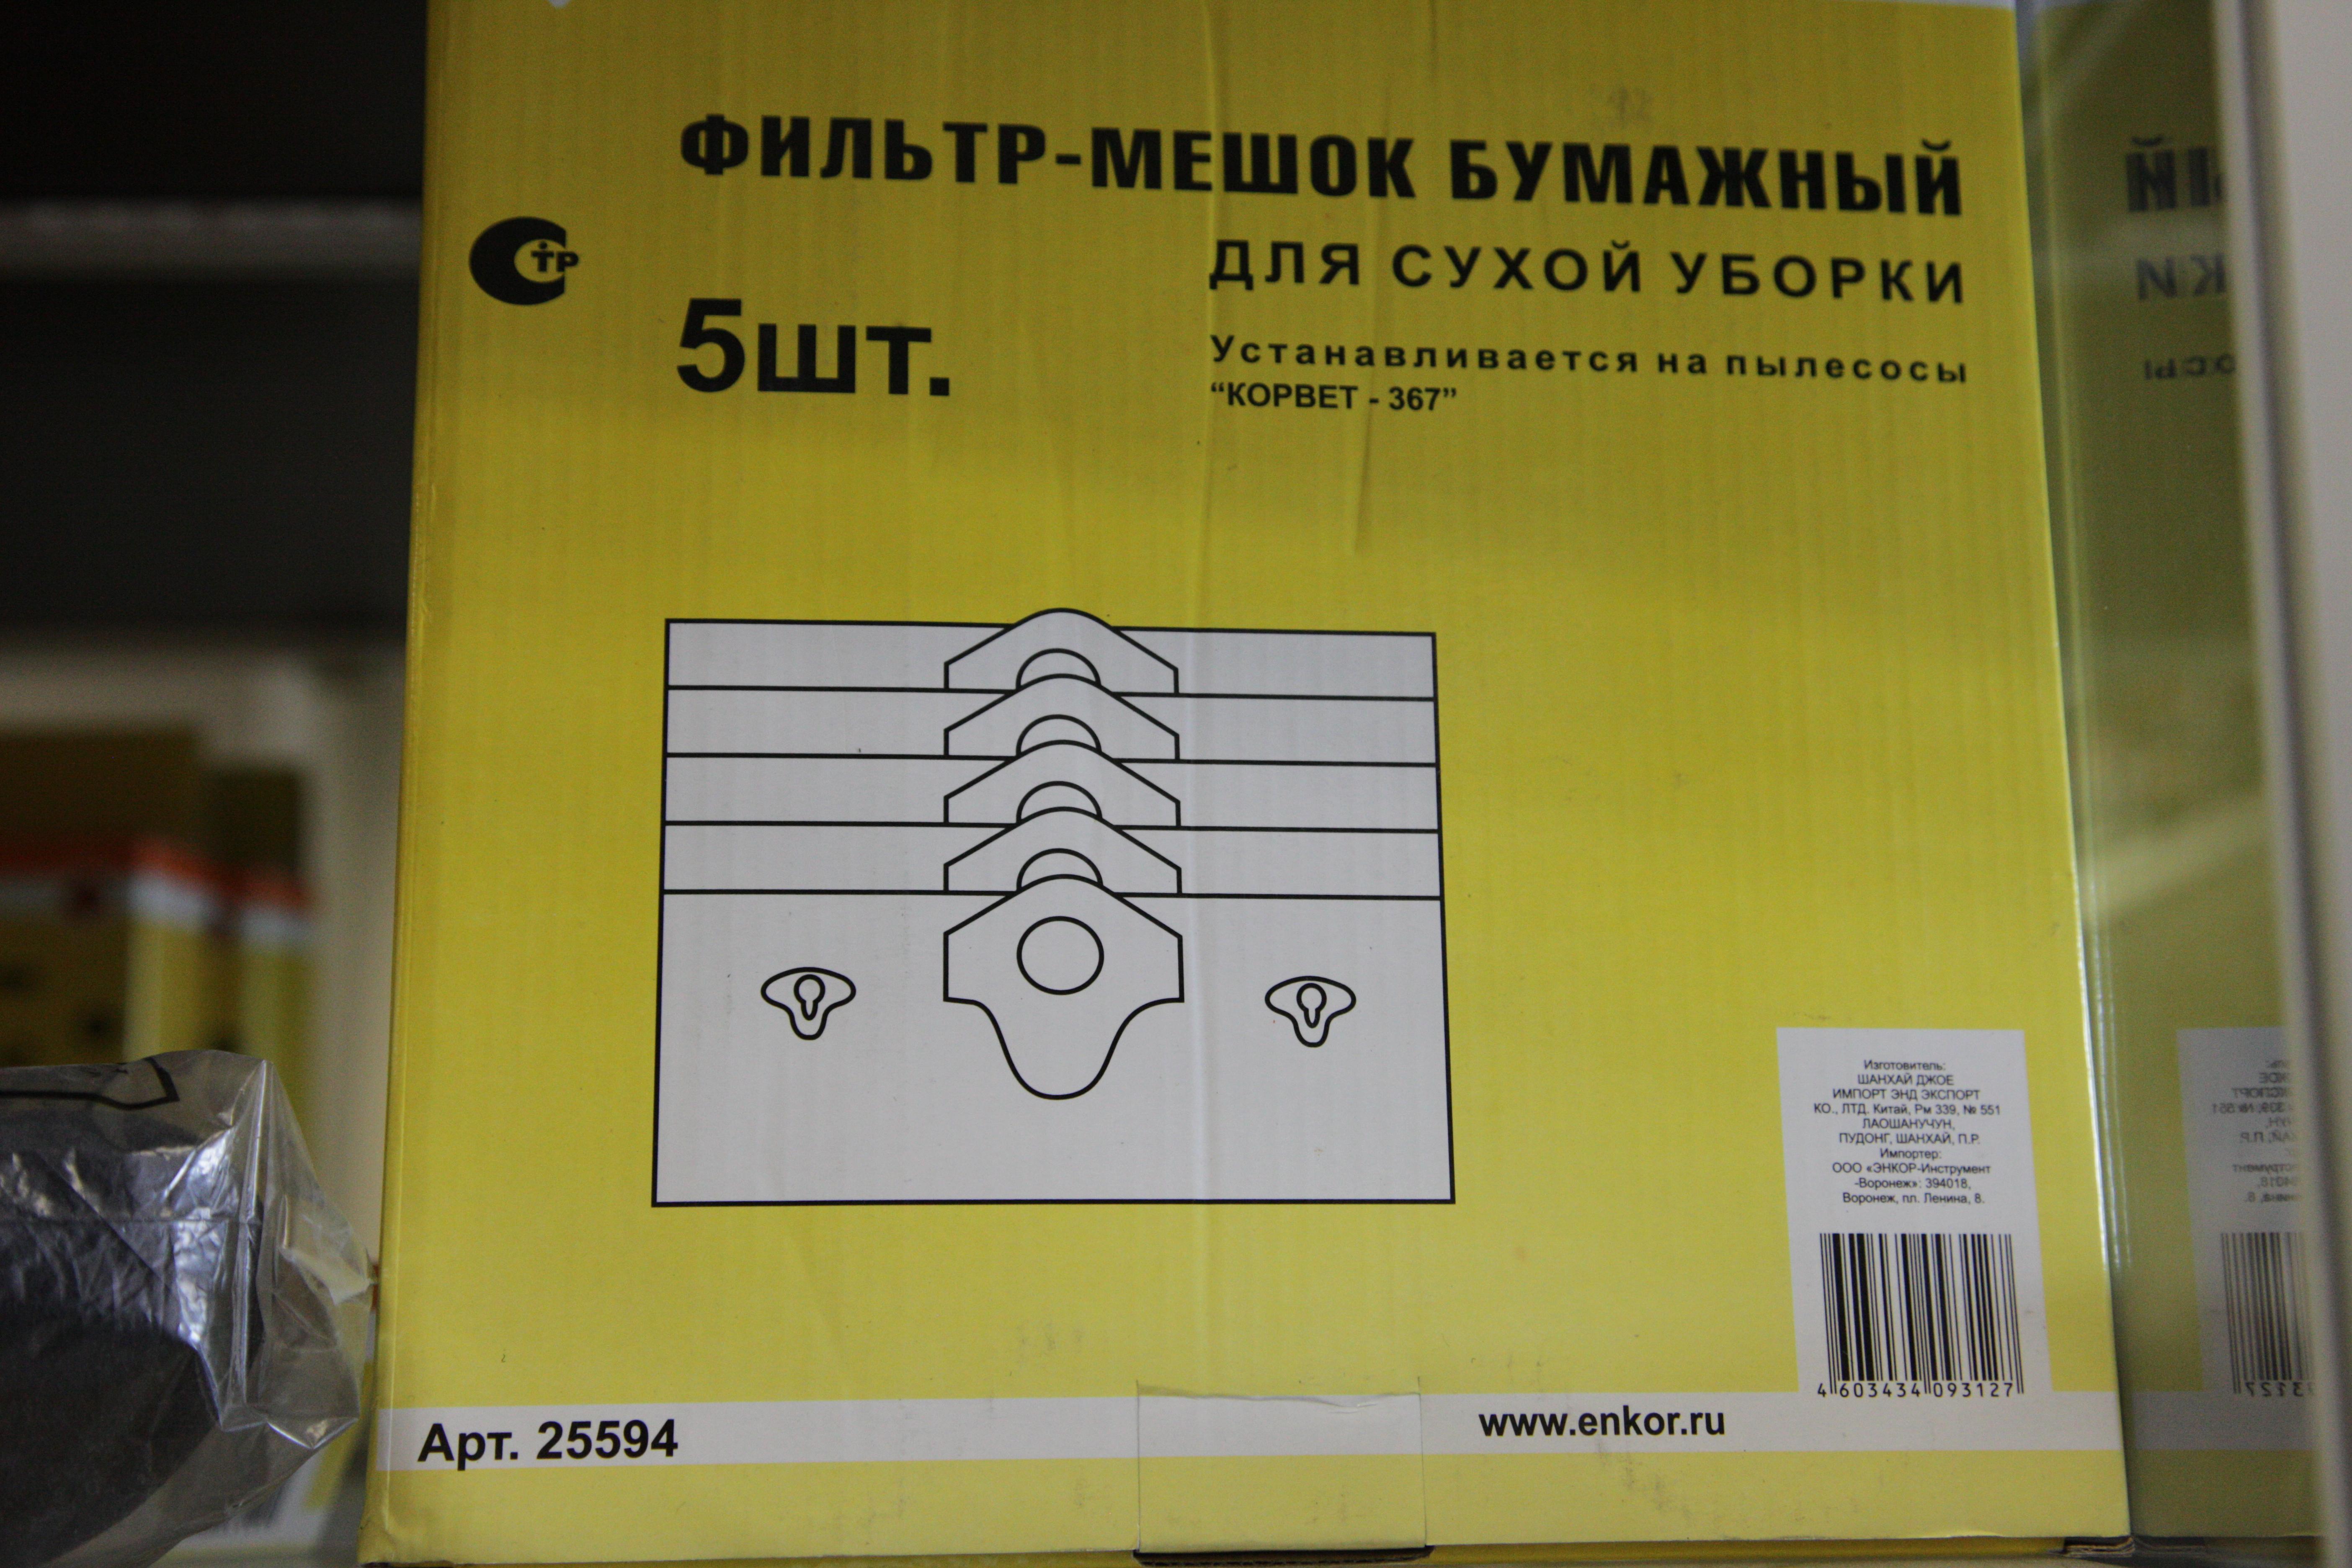 Фильтр-мешок бумажный Энкор 5 шт для К367 25594